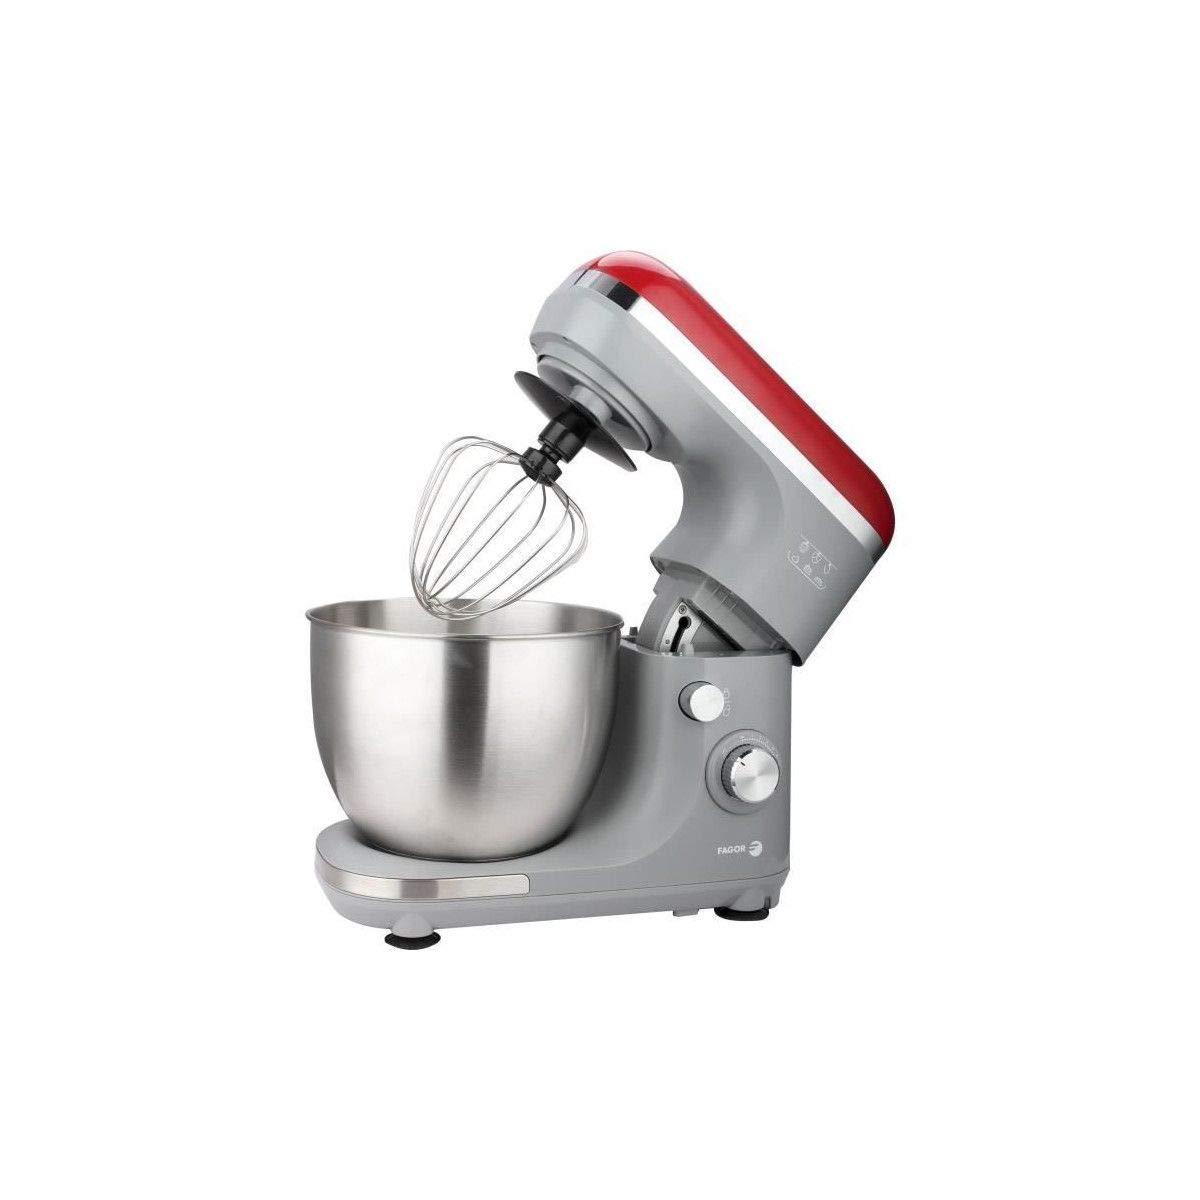 Robot de pasteler�a FAGOR FG603 - 5.5 litros - 600 W - 6 velocidades + pulso - gris: Amazon.es: Hogar